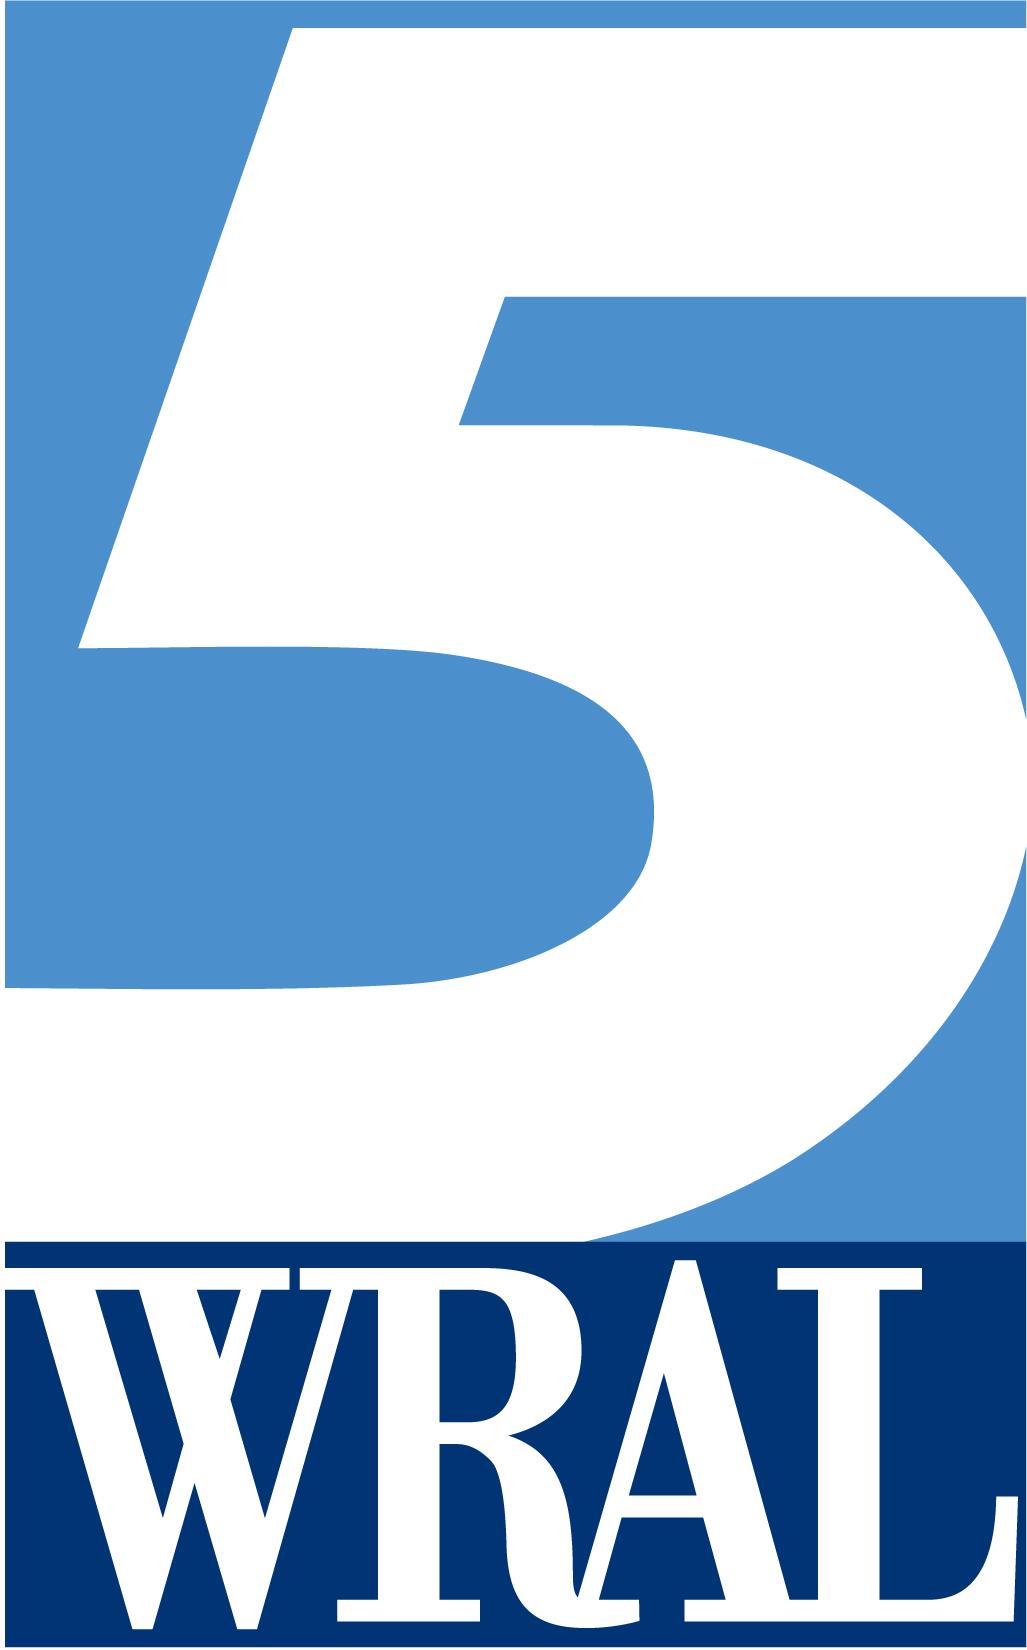 wralbutton5-1.jpg